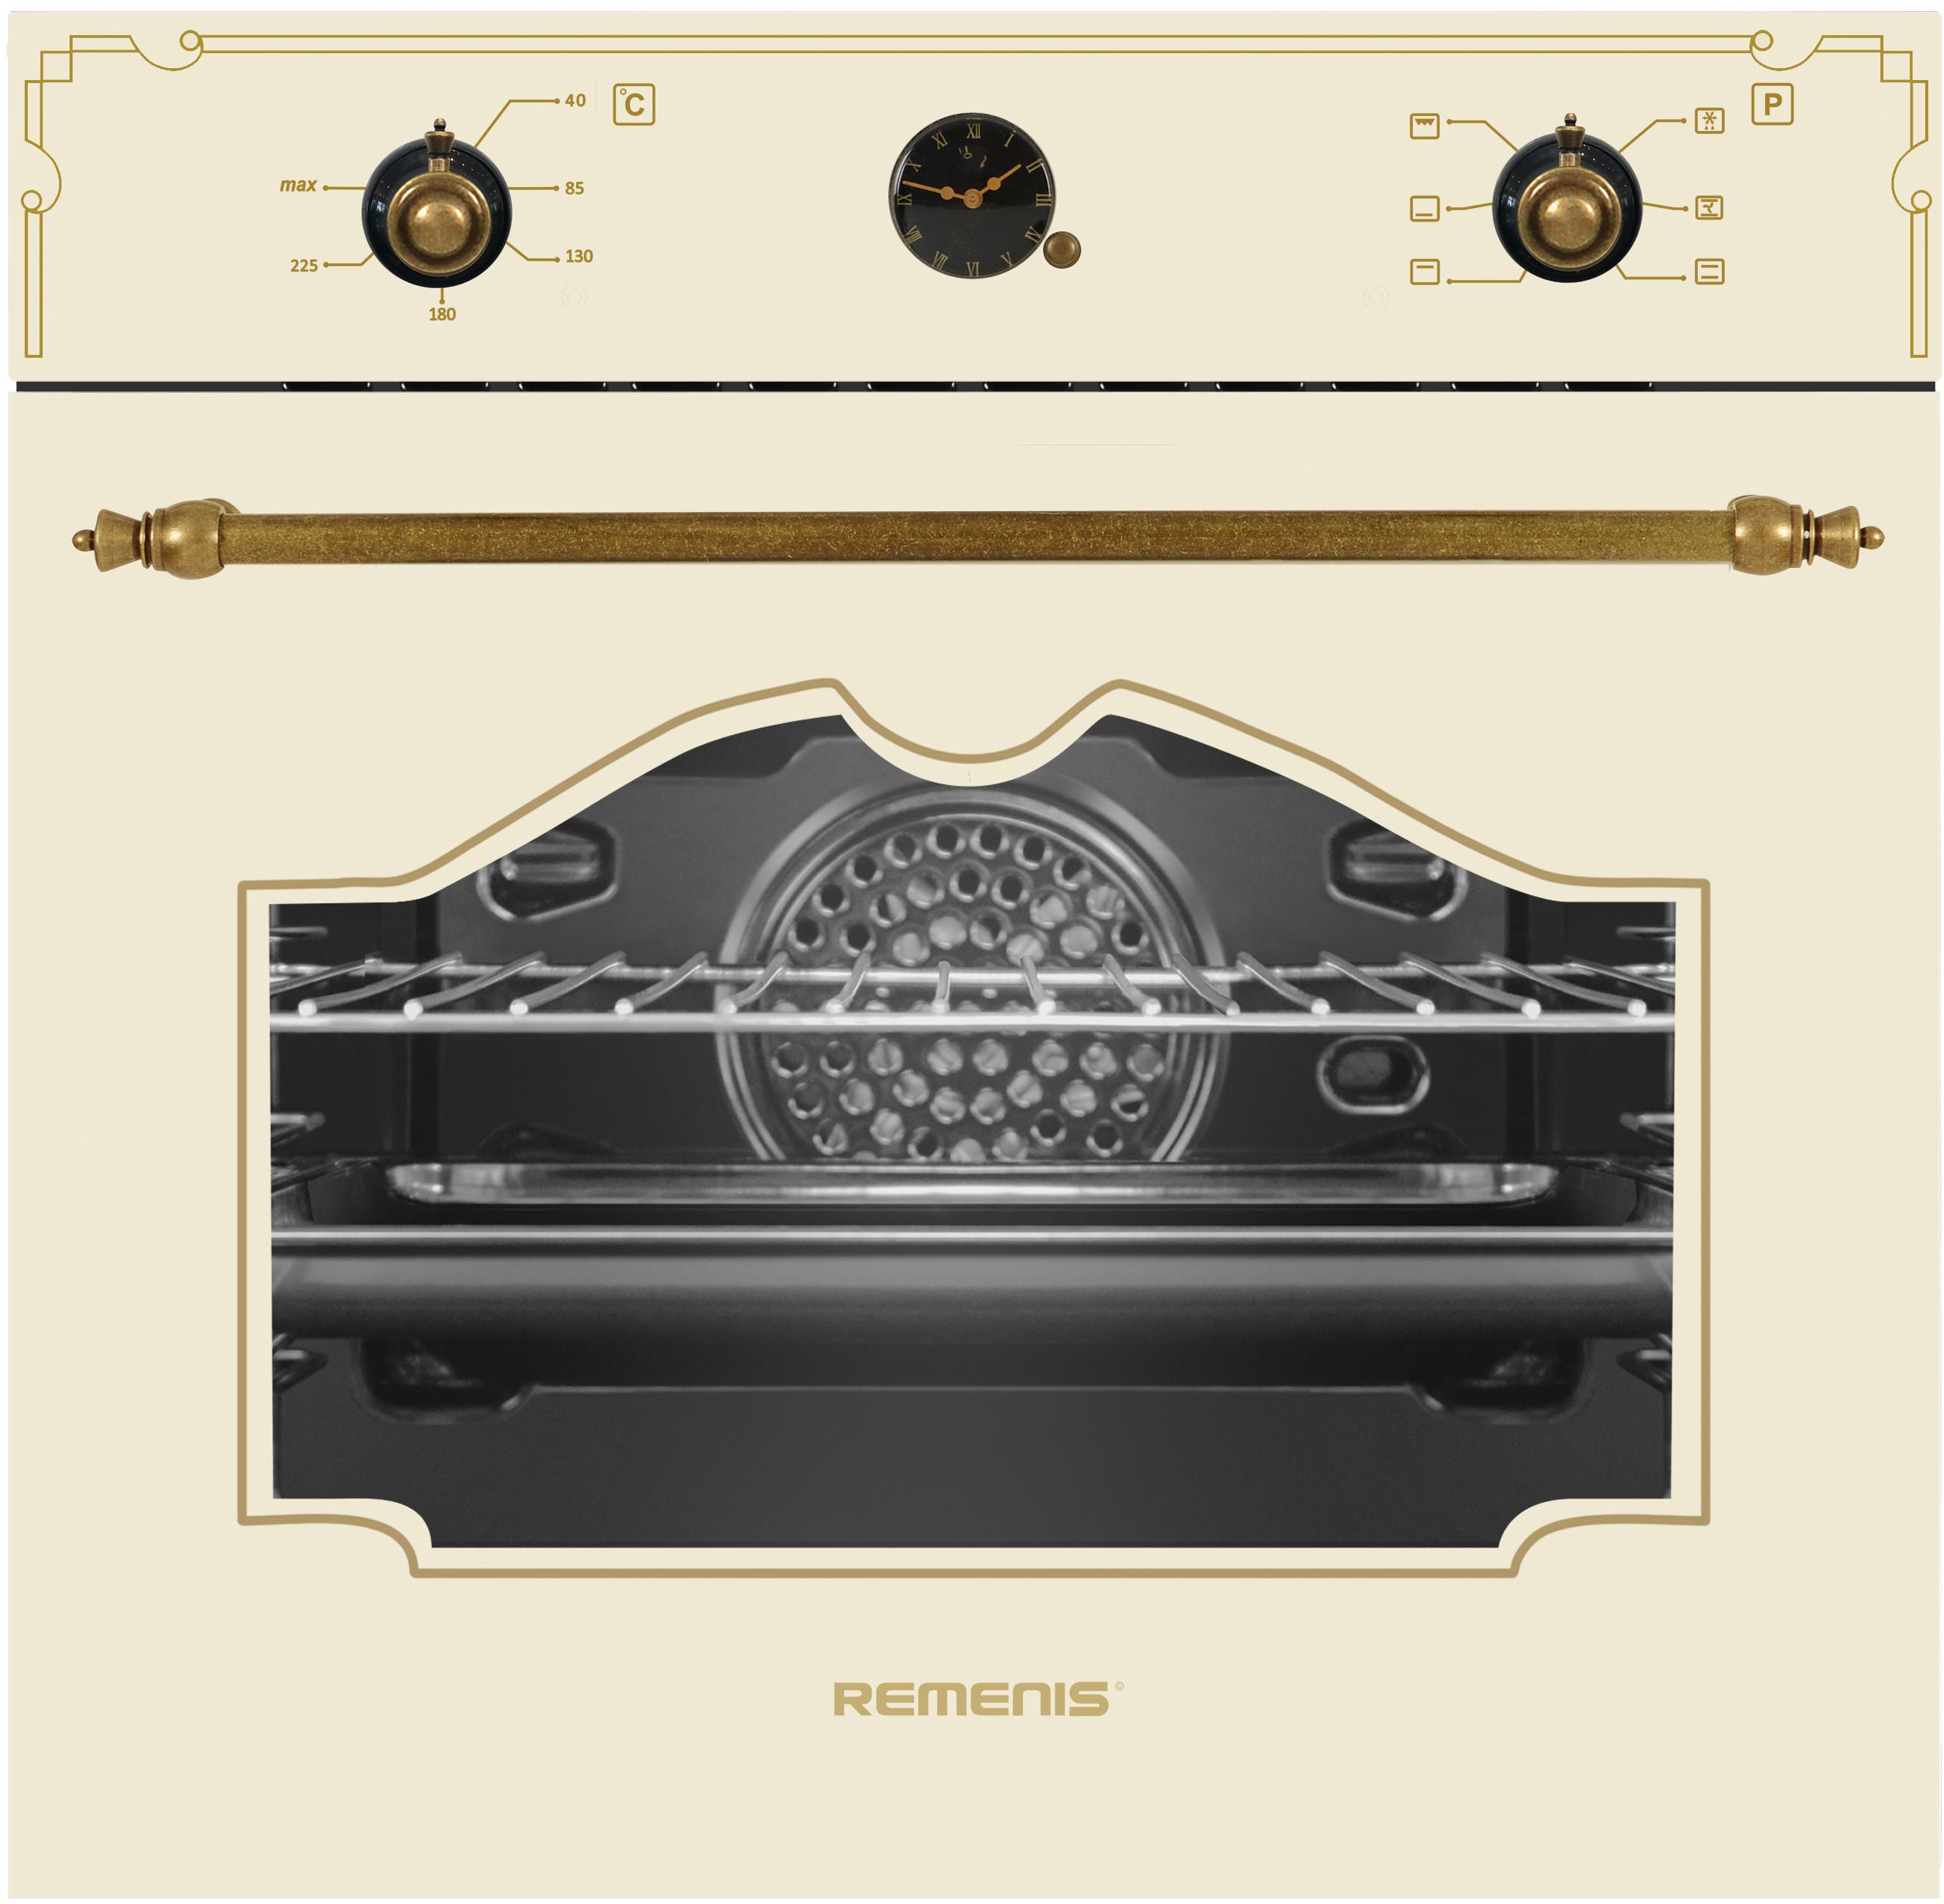 Духовой шкаф Remenis REM-2306 Beige